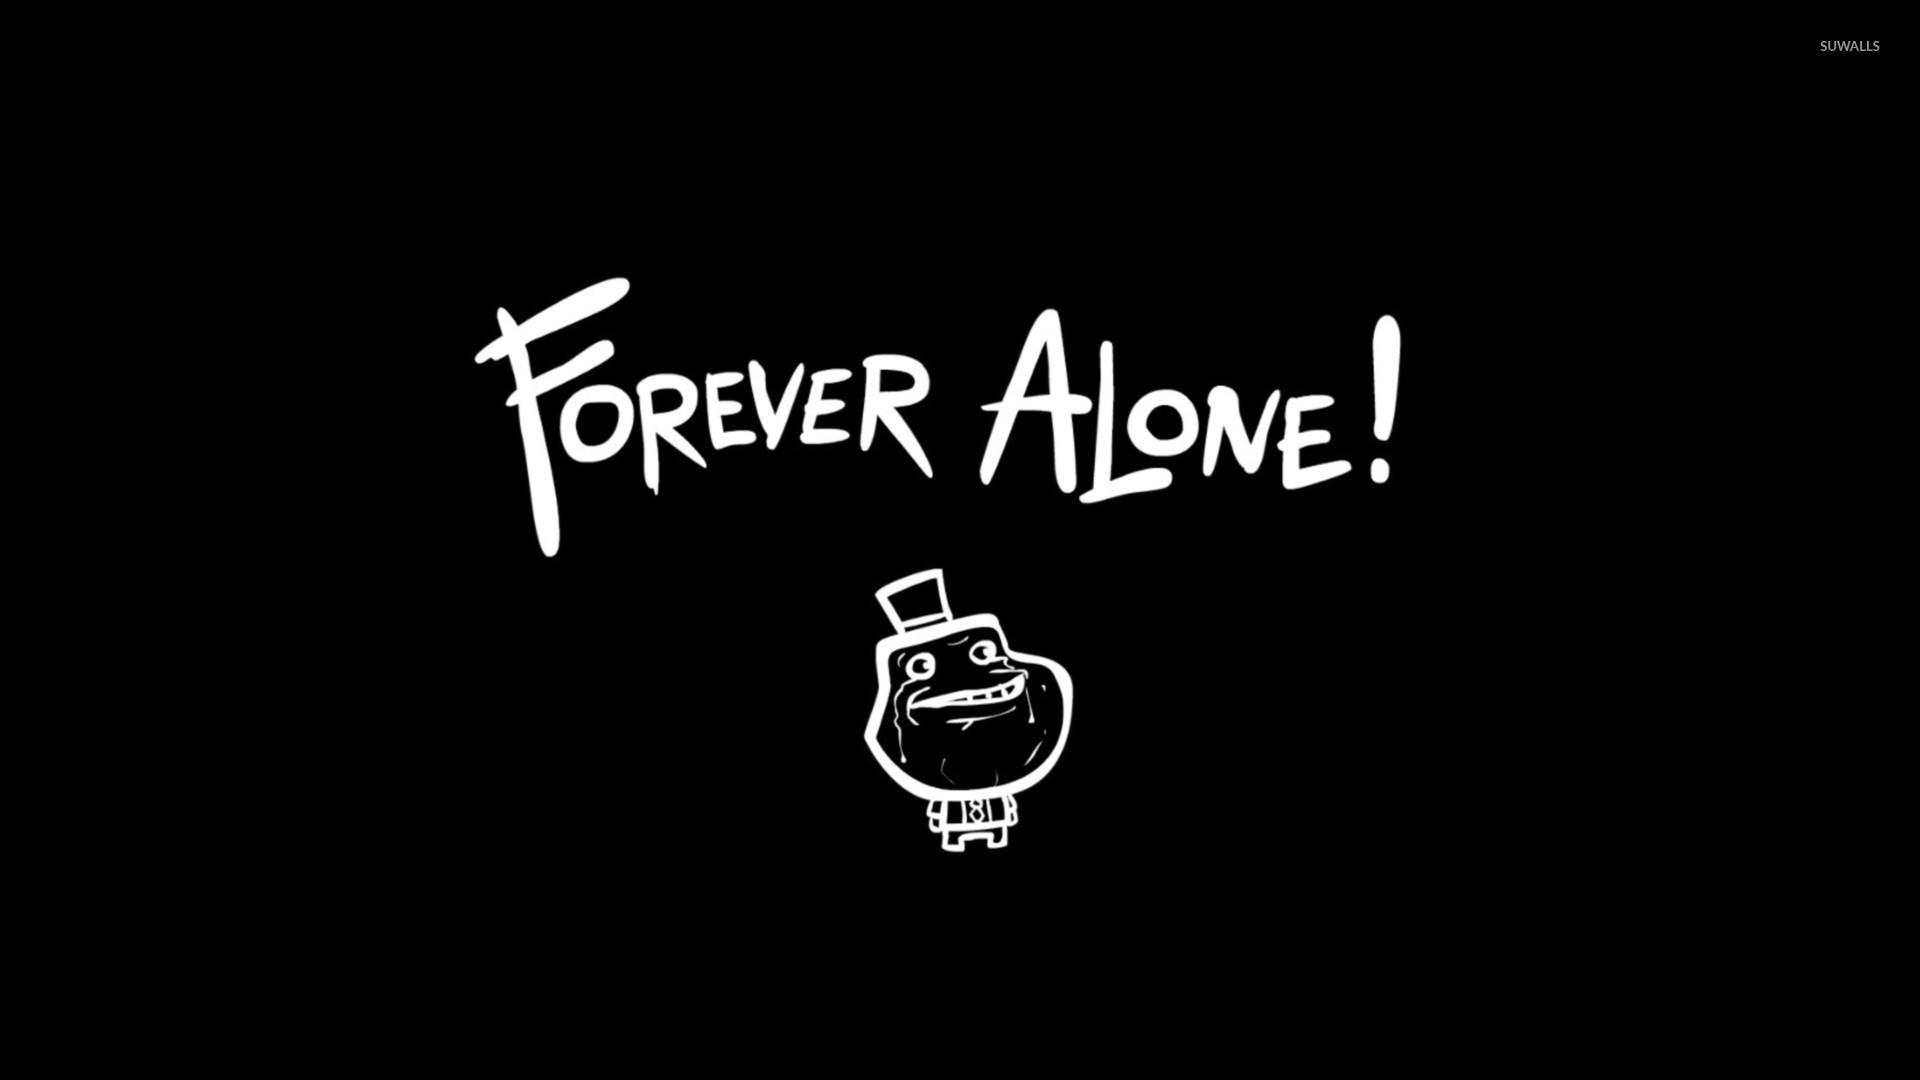 Forever Alone wallpaper jpg